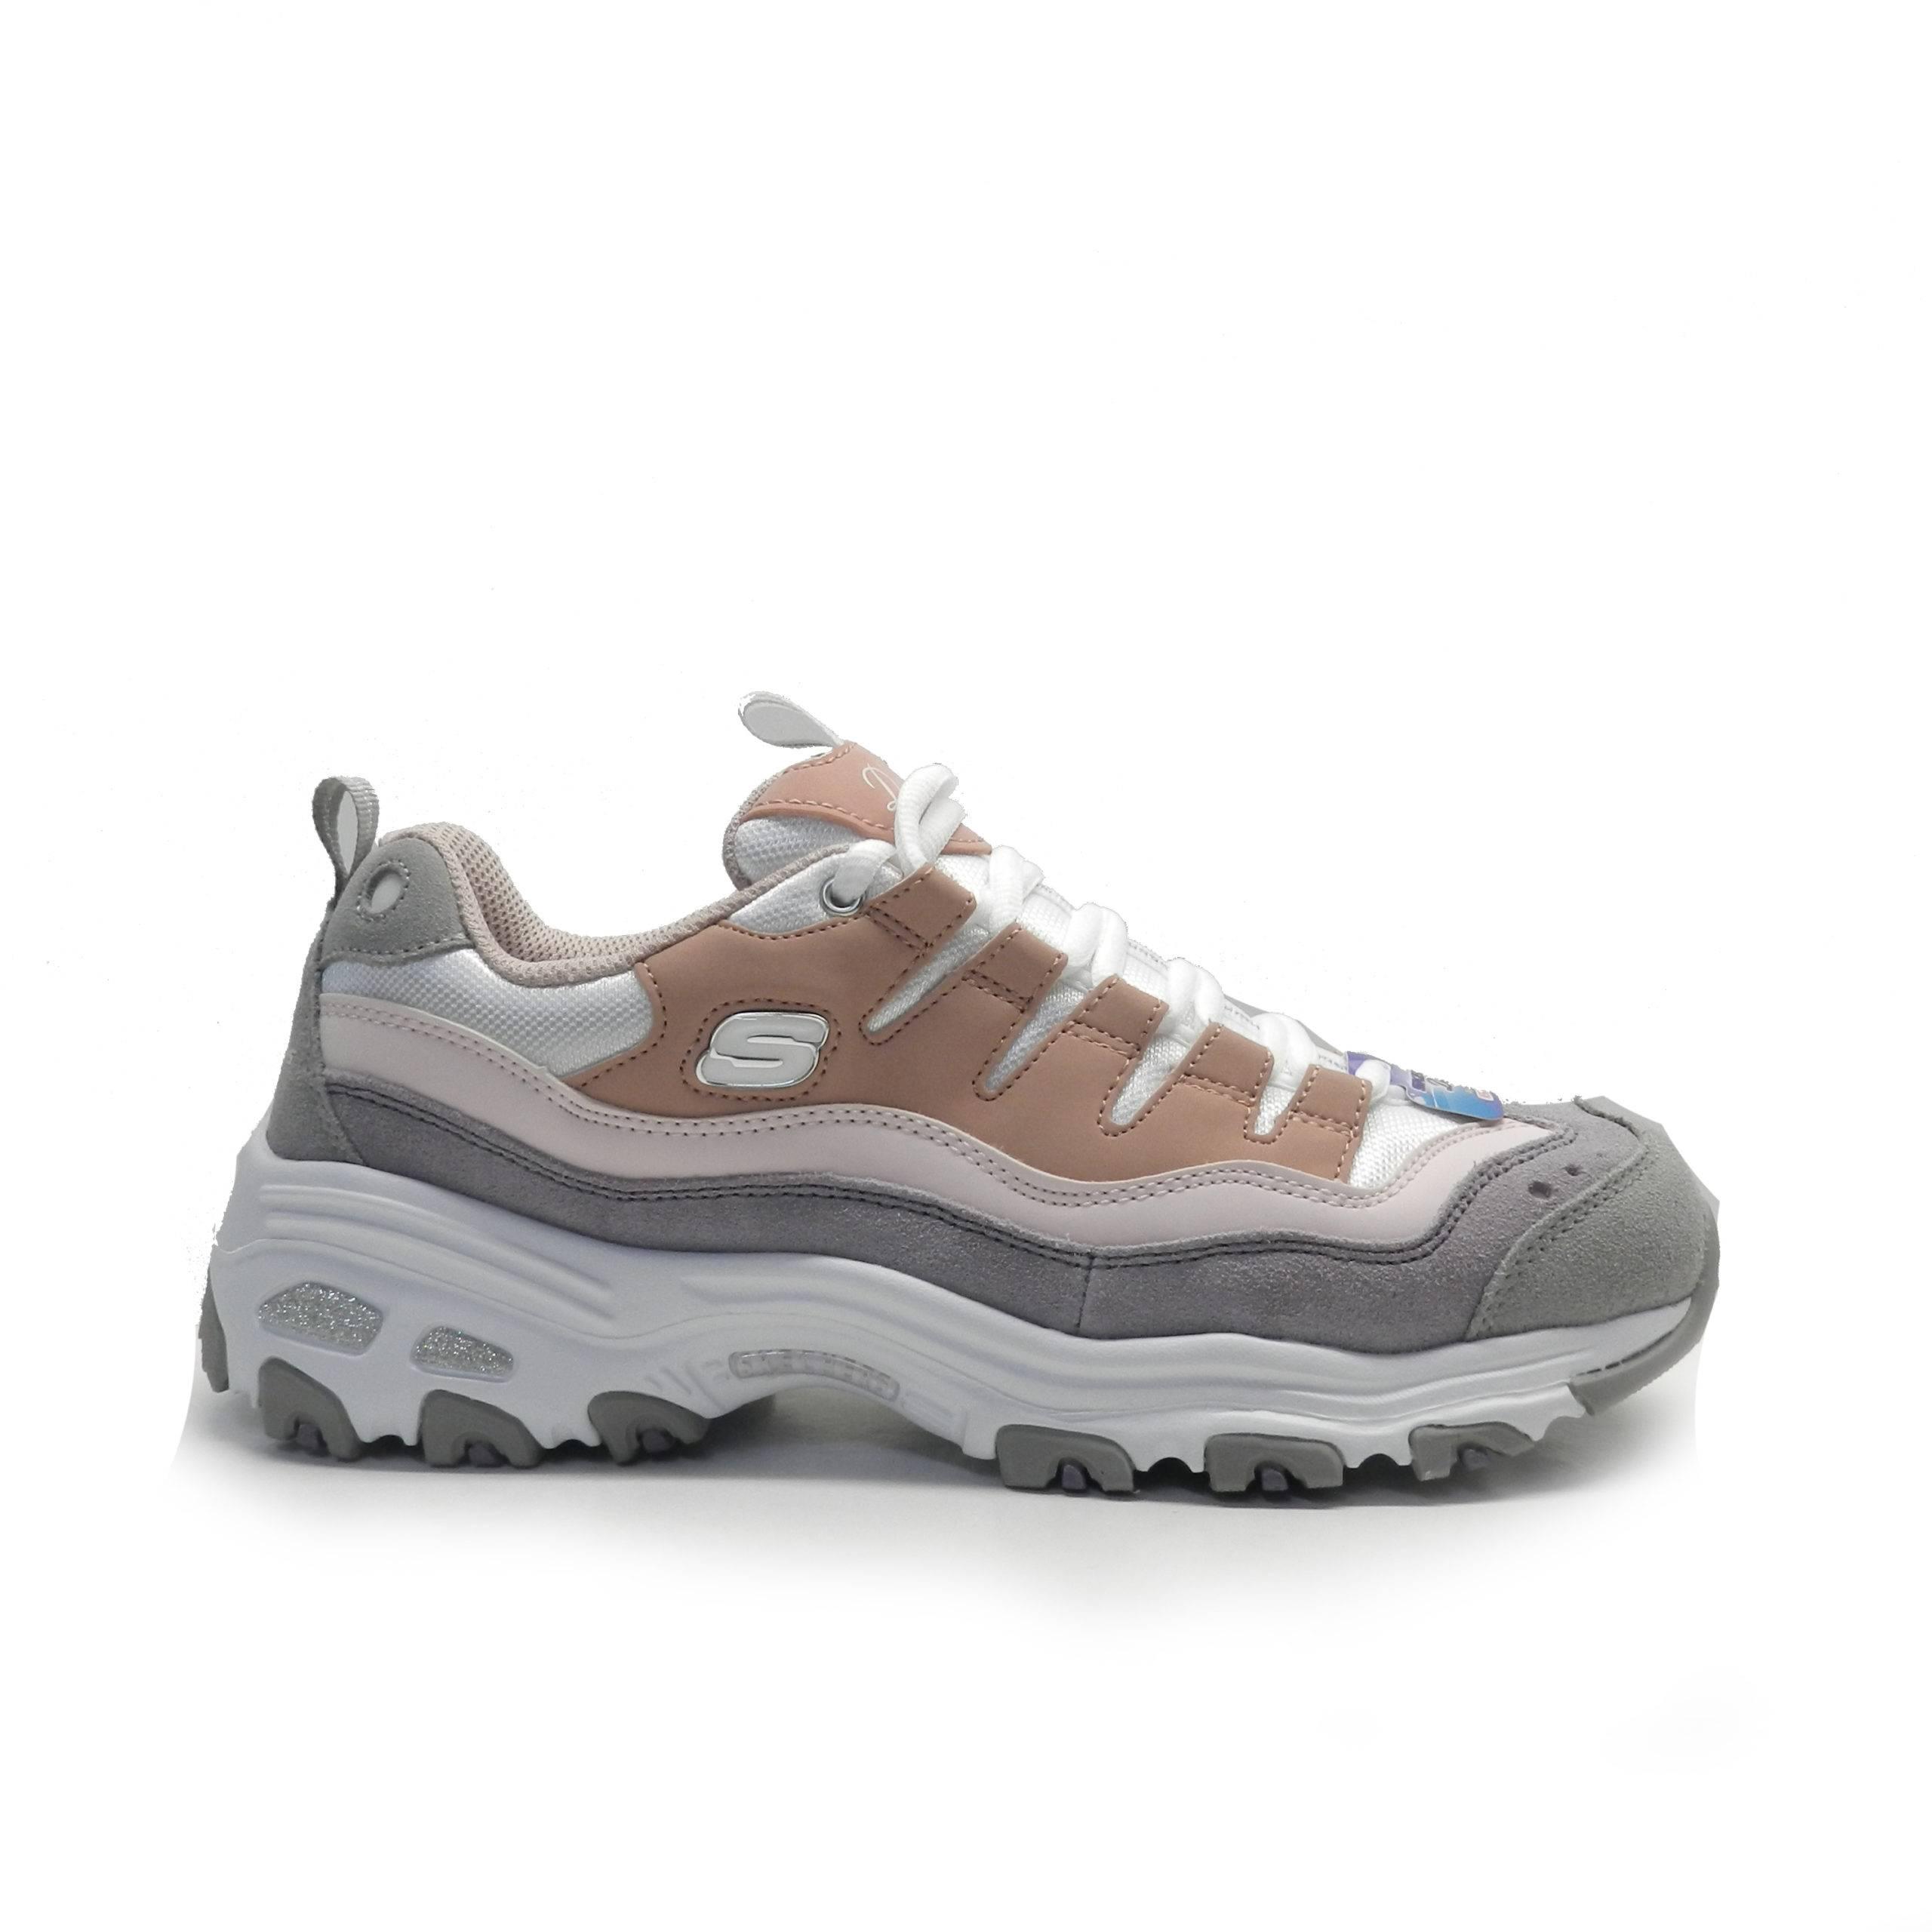 sneakers combinada en color rosa y gris , de la marca skechers.